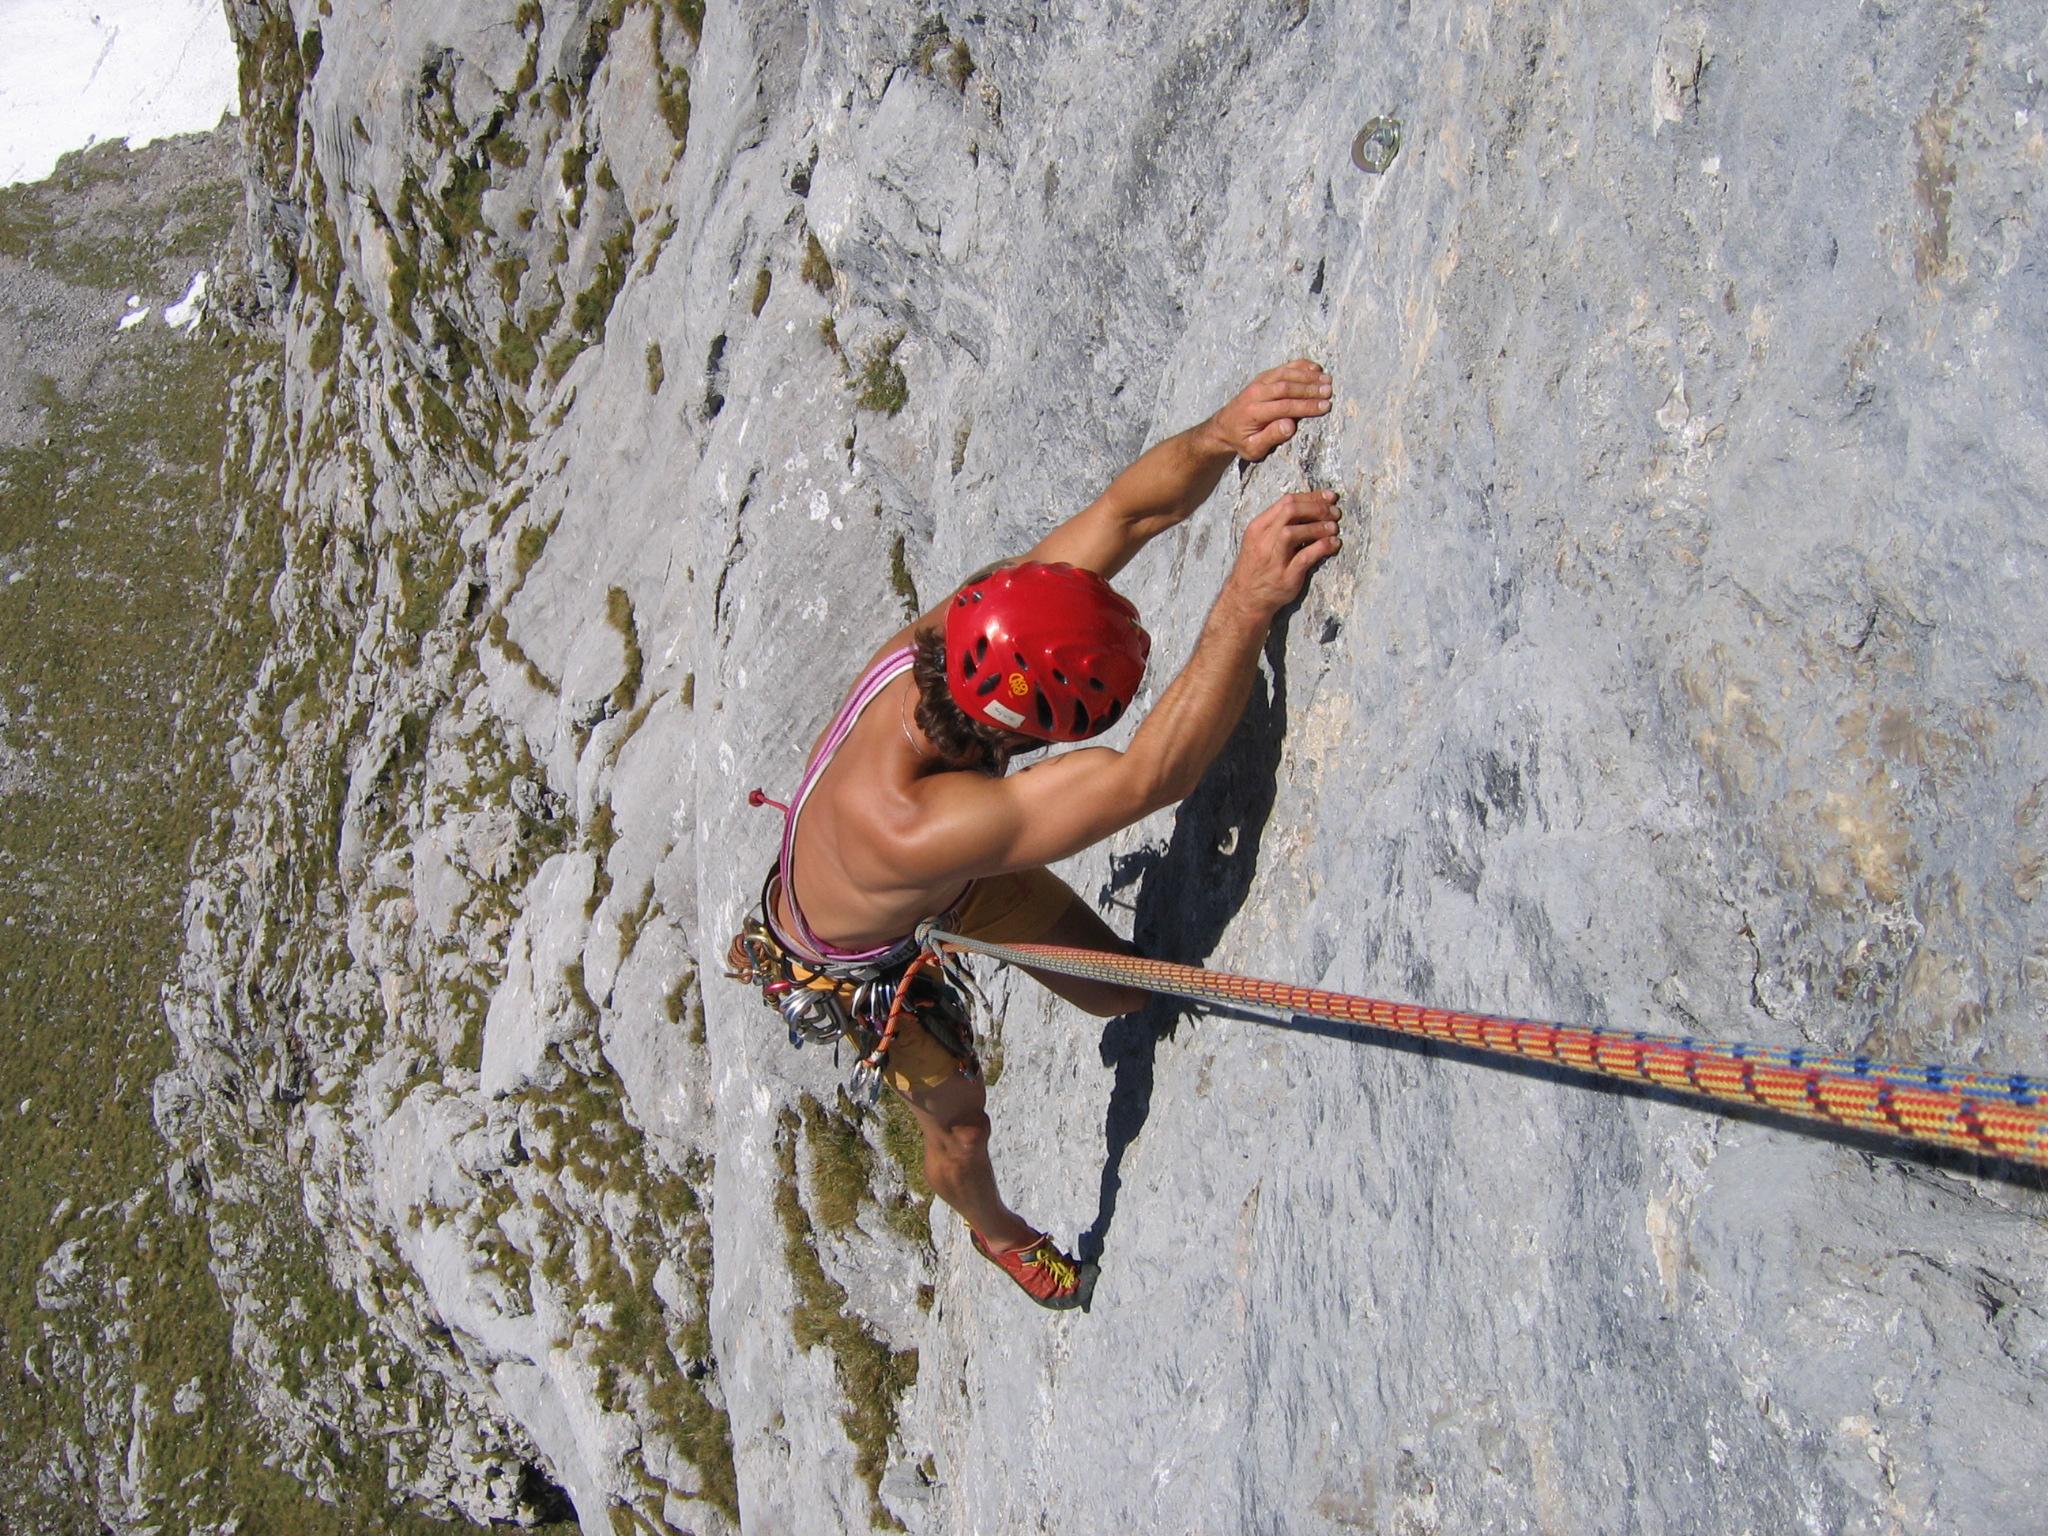 Kletterausrüstung Vorarlberg : Exekutiv trail bergsteigen.com